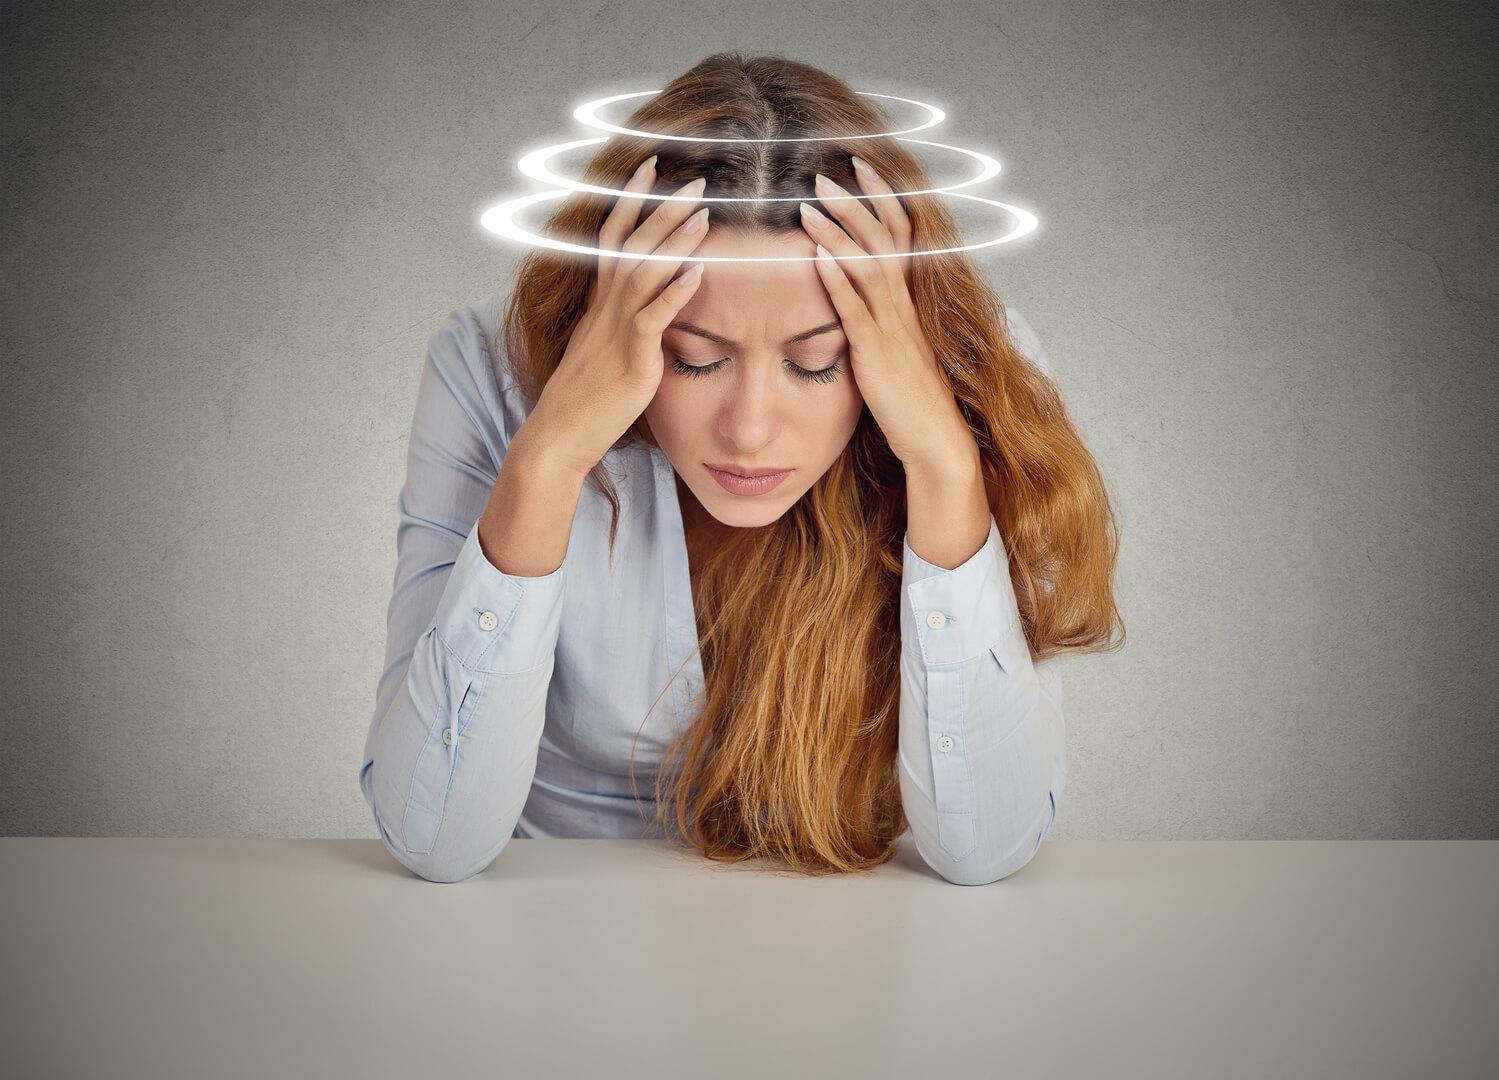 Labirintite: o que é, quais as causas e quais os tratamentos